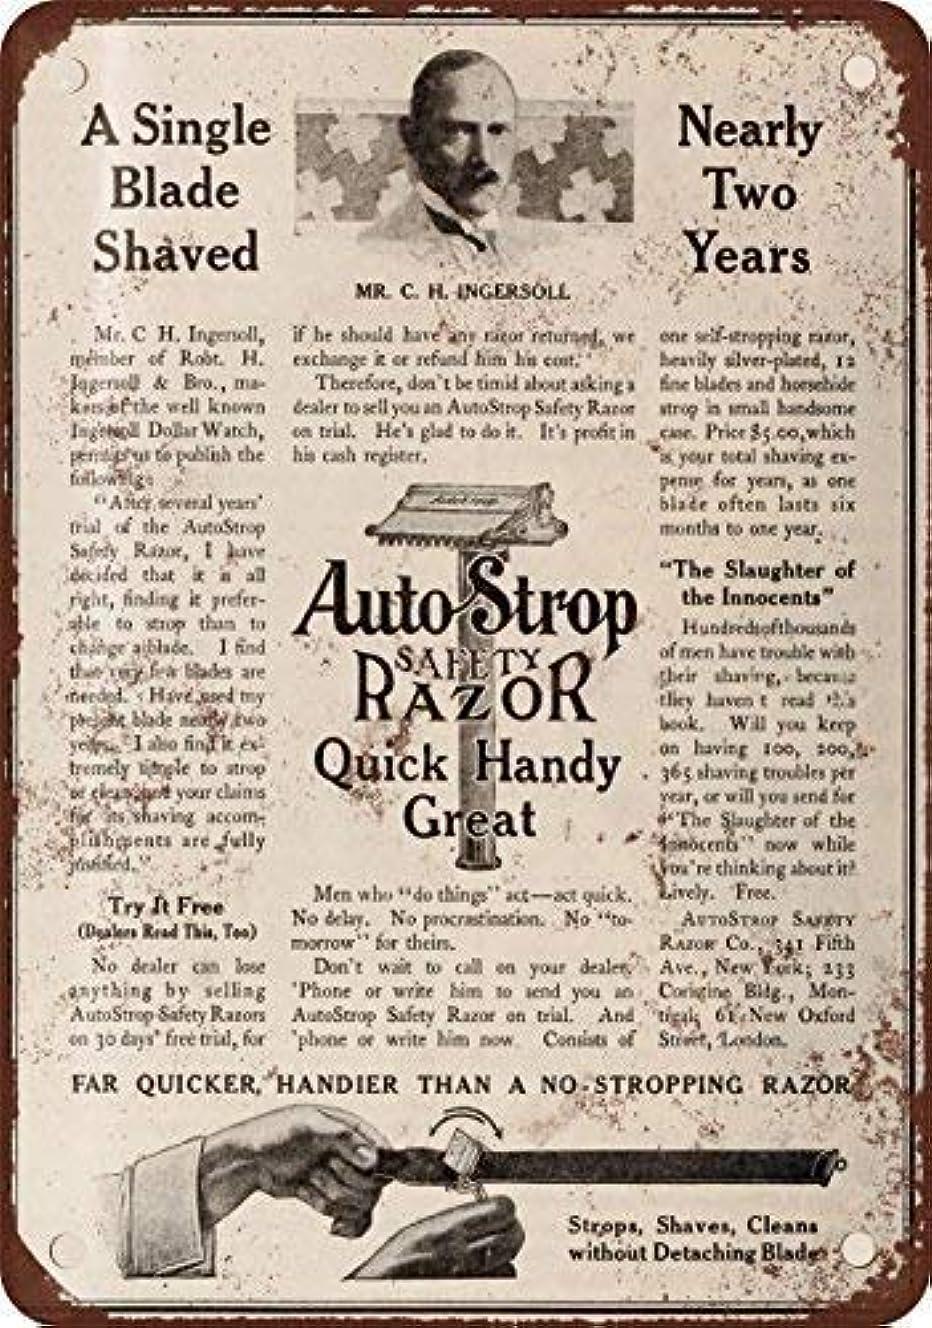 プレートまた無Shimaier 壁の装飾 ブリキ 看板メタルサイン 1910 AutoStrop Safety Razor ウォールアート バー カフェ 30×40cm ヴィンテージ風 メタルプレート